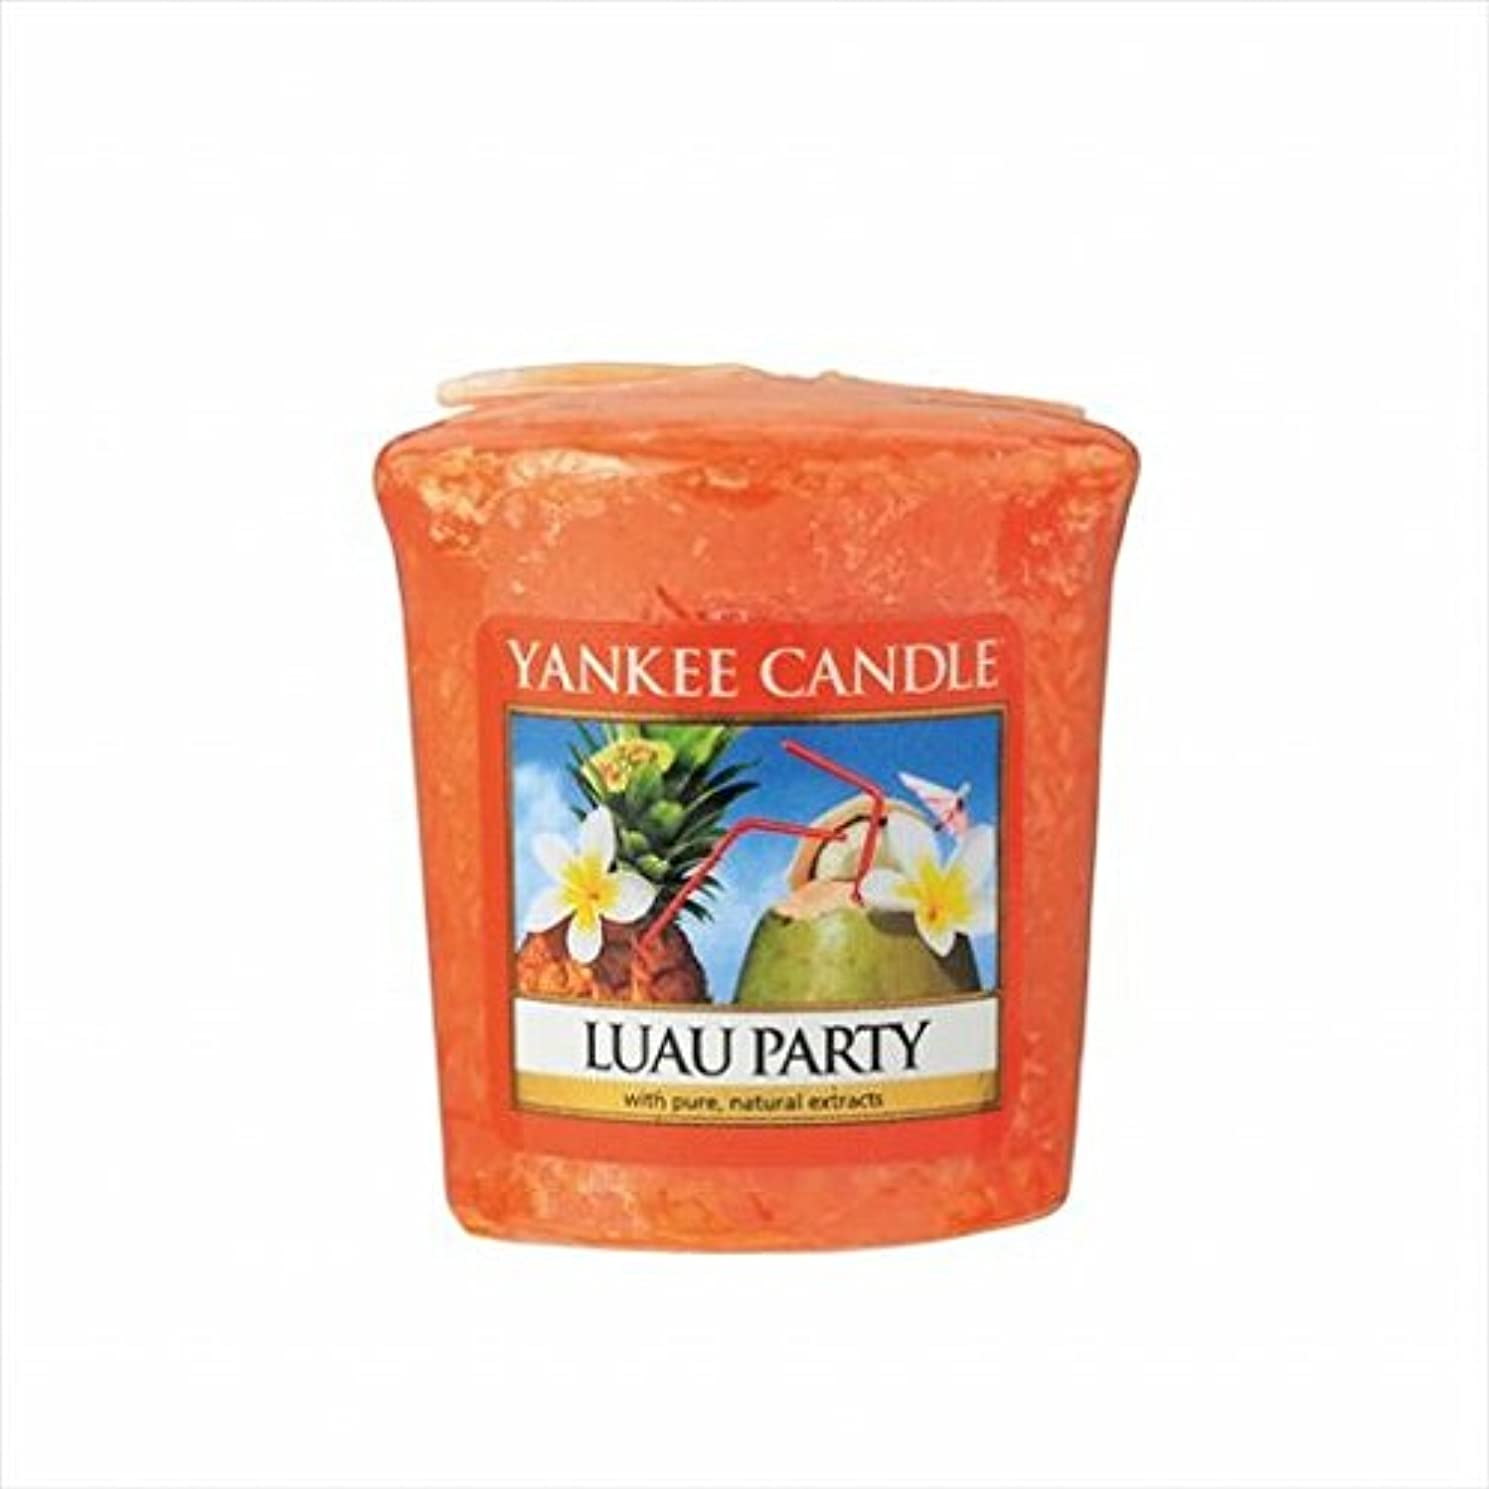 事業内容抗生物質ユーザーカメヤマキャンドル(kameyama candle) YANKEE CANDLE サンプラー 「 ルーアウパーティ 」